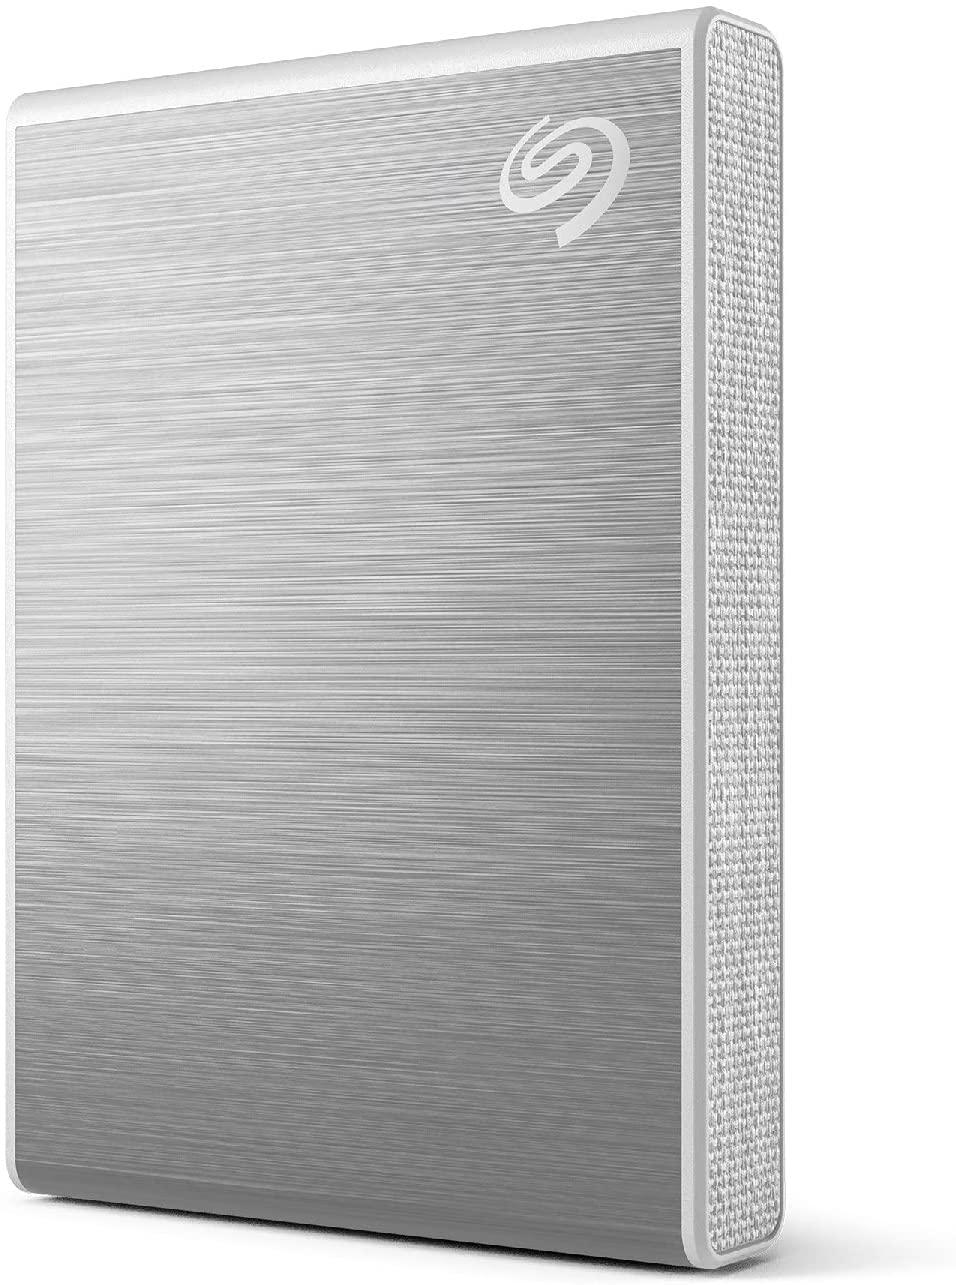 Disco duro SSD Seagate One Touch SSD de 2 TB